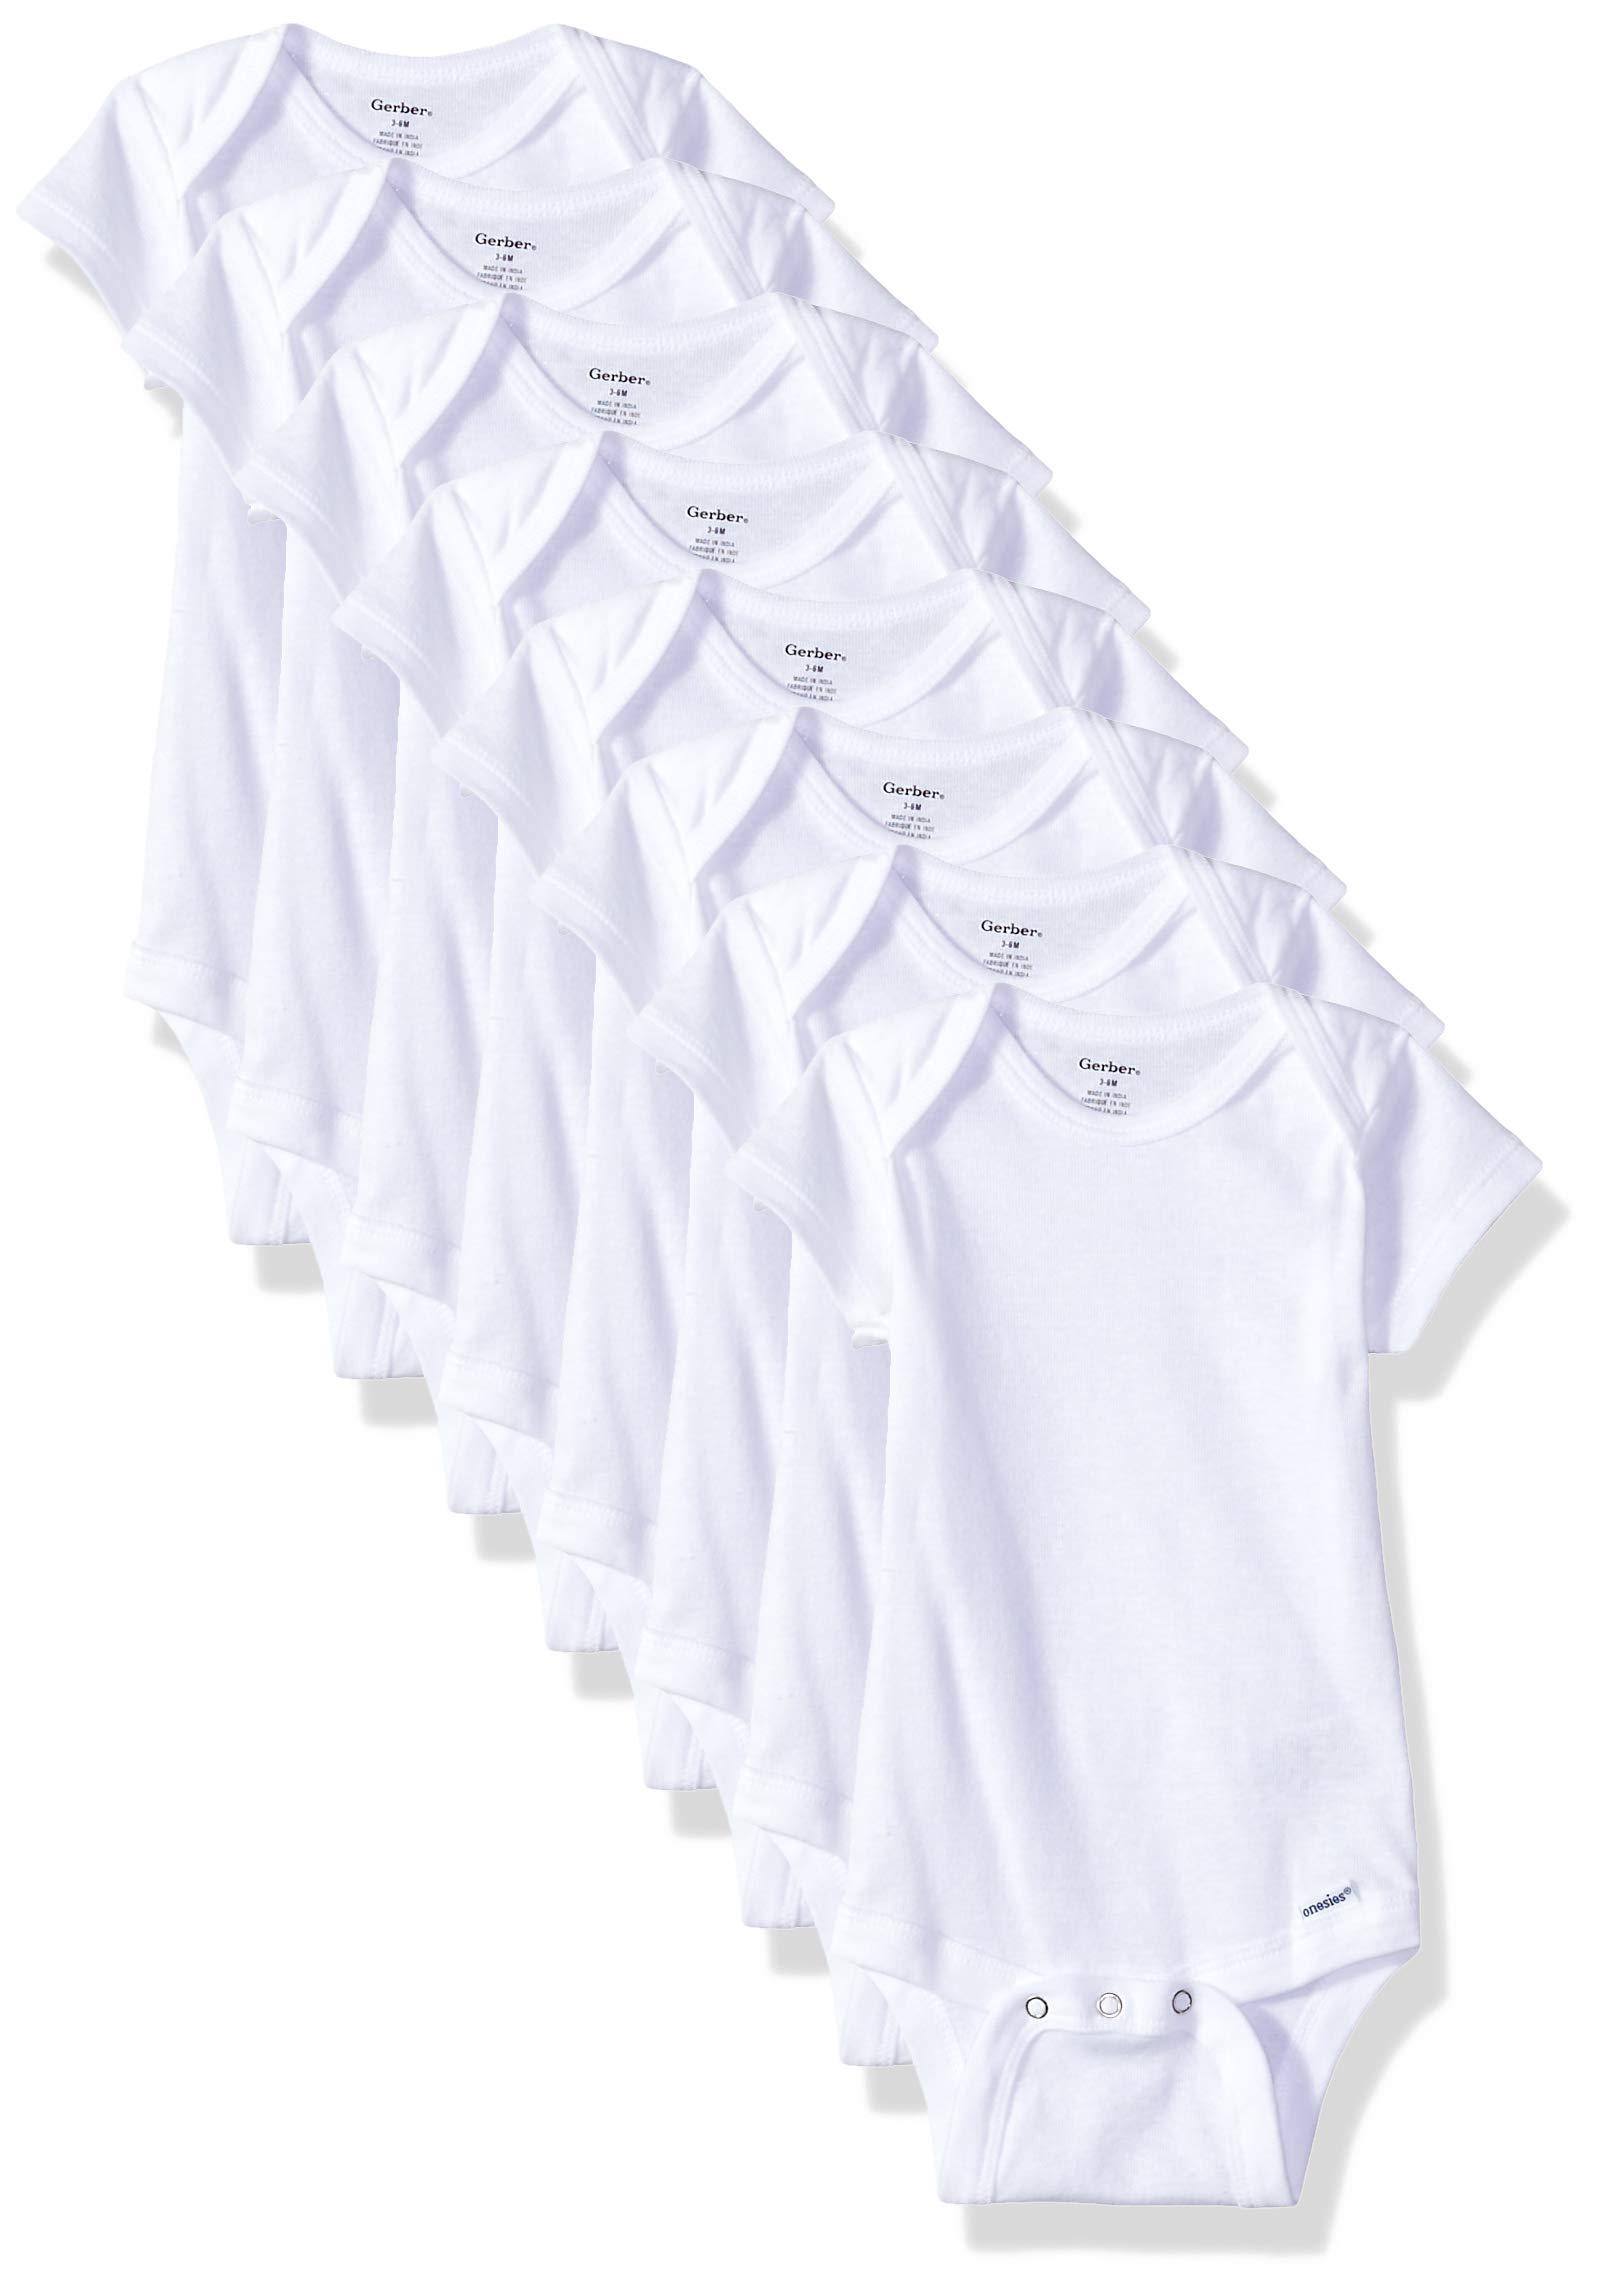 Gerber 8 Pack Short Sleeve Onesies Bodysuit